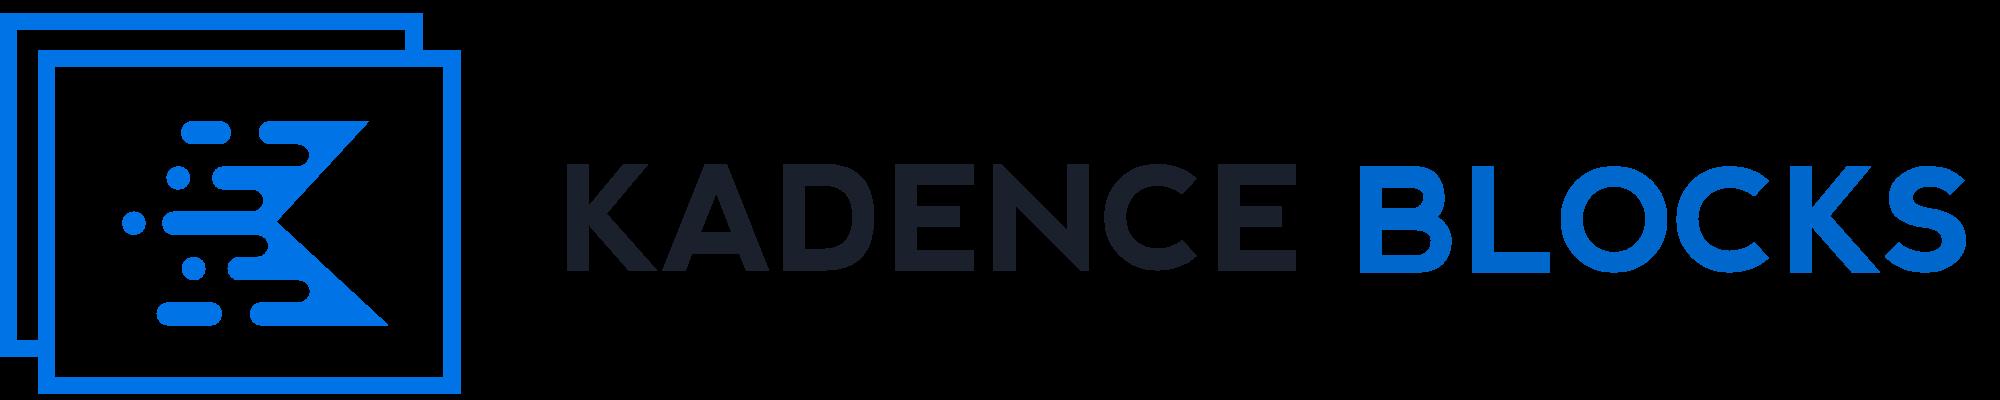 Kadence Blocks Cloud Library